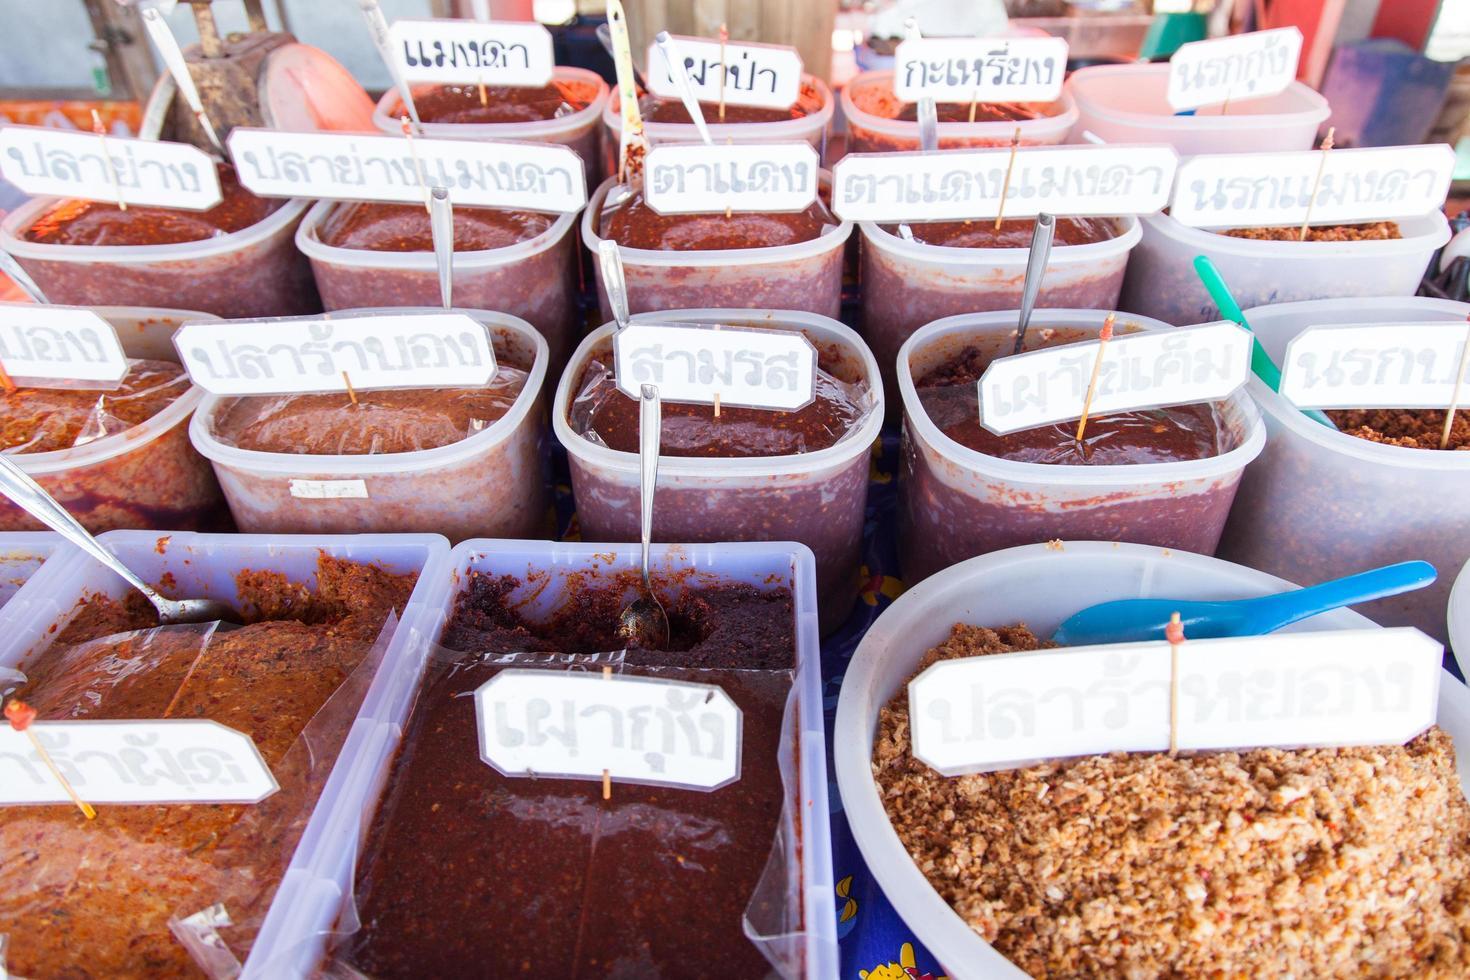 würzige Pasten Arten von Thailand auf einem Markt foto